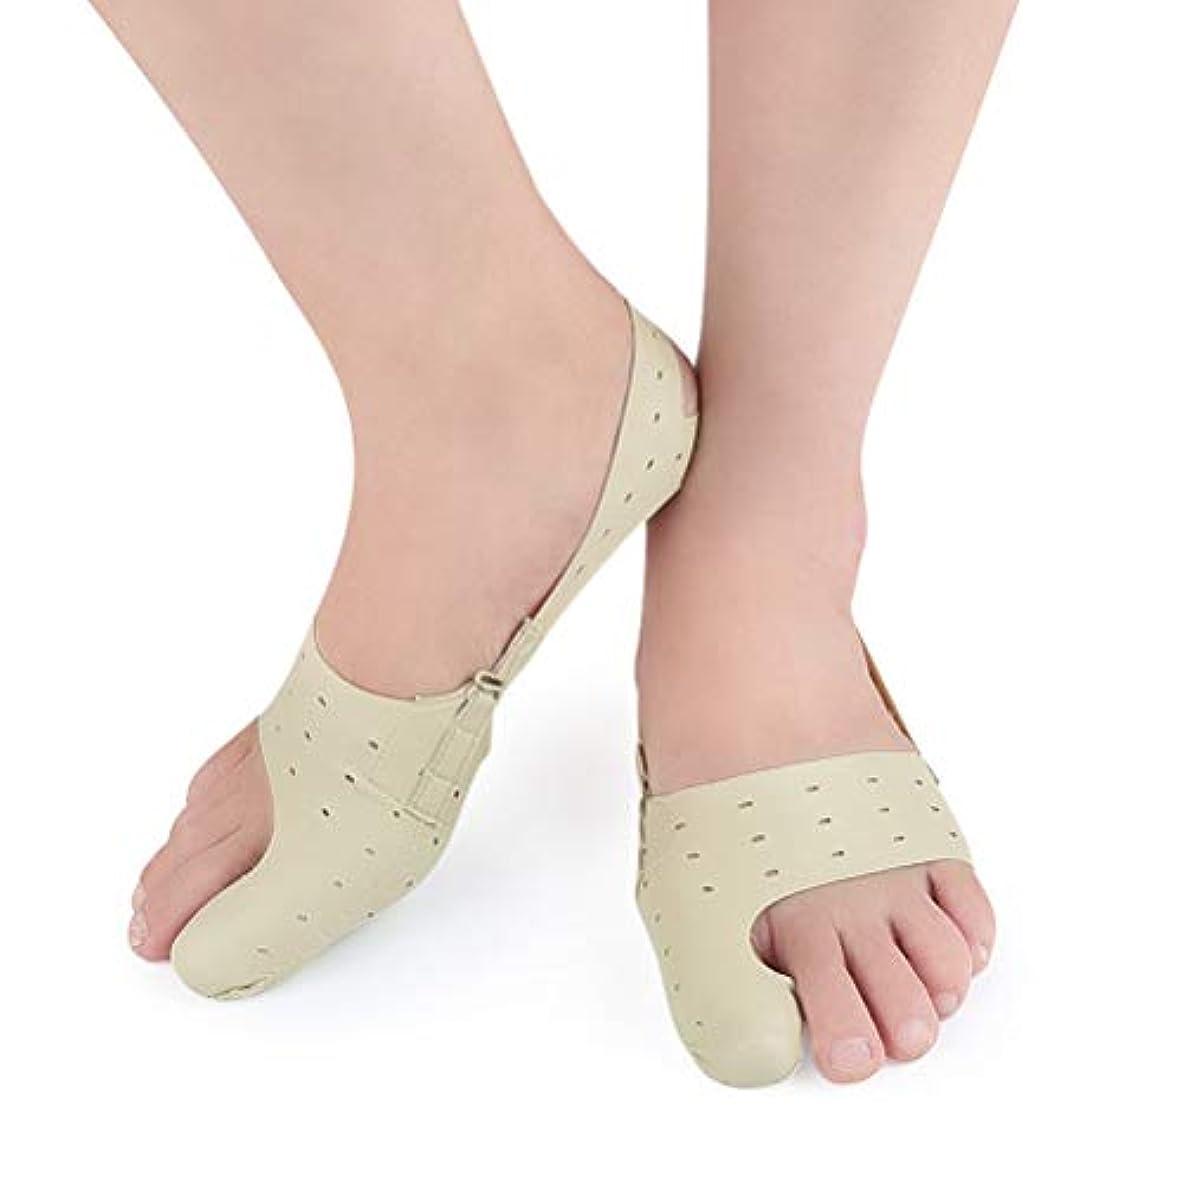 サイレント非互換ささいなHealifty 外反母趾 専用 バニオン パッド つま先セパレーター 矯正 親指矯正 トーセパレーター PUレザー 痛み緩和 フット 親指矯正 ユニセックス M 1ピース(ベージュ)